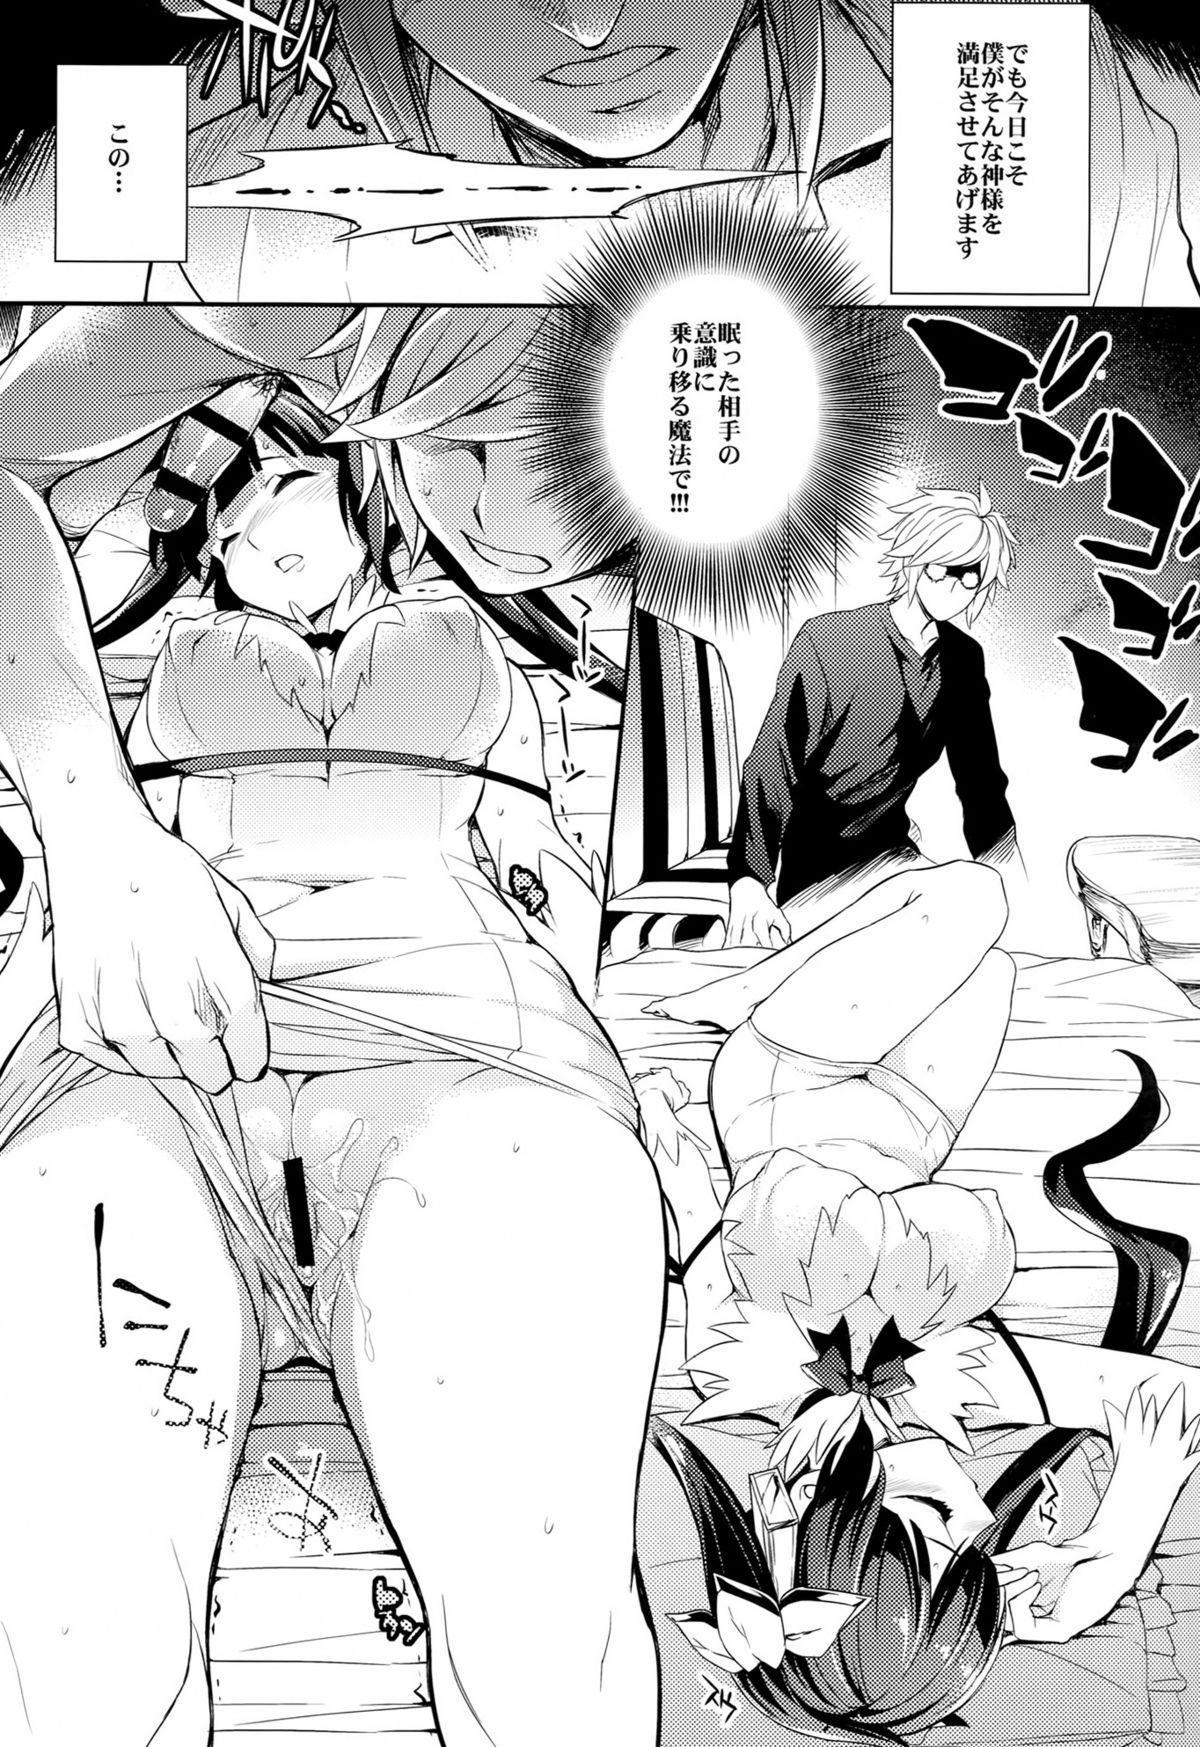 (COMIC1☆9) [Crazy9 (Ichitaka)] C9-19 Kami-sama to Suiminkan (Dungeon ni Deai o Motomeru no wa Machigatteiru Darou ka) 9